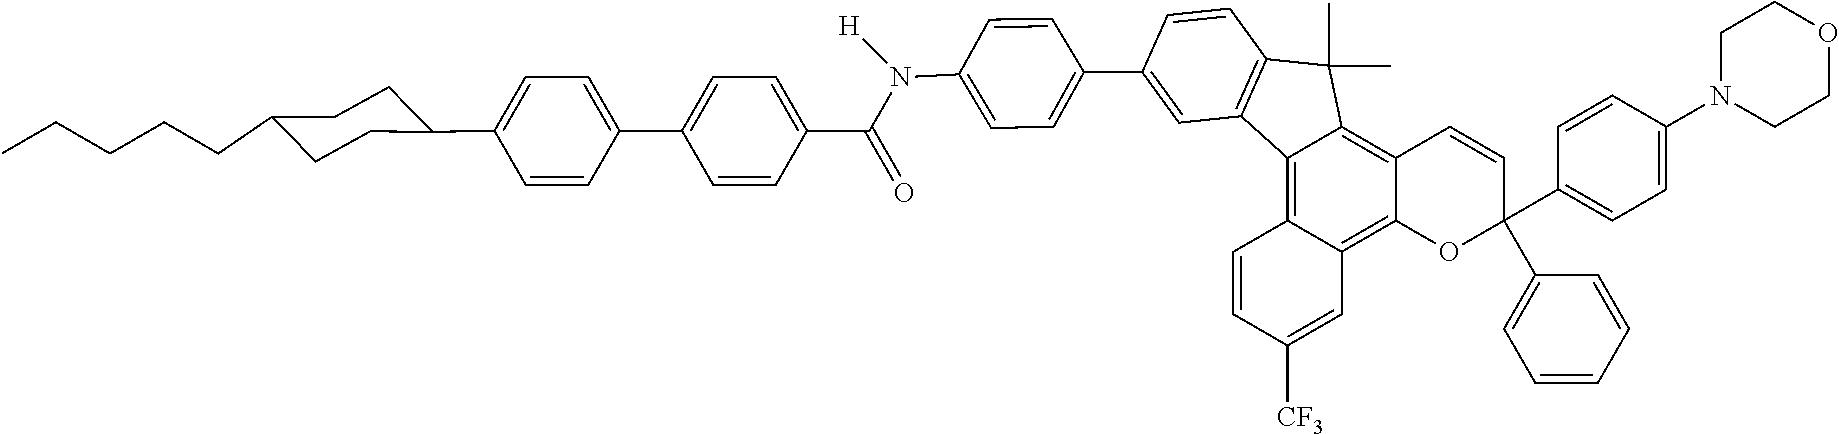 Figure US08545984-20131001-C00049